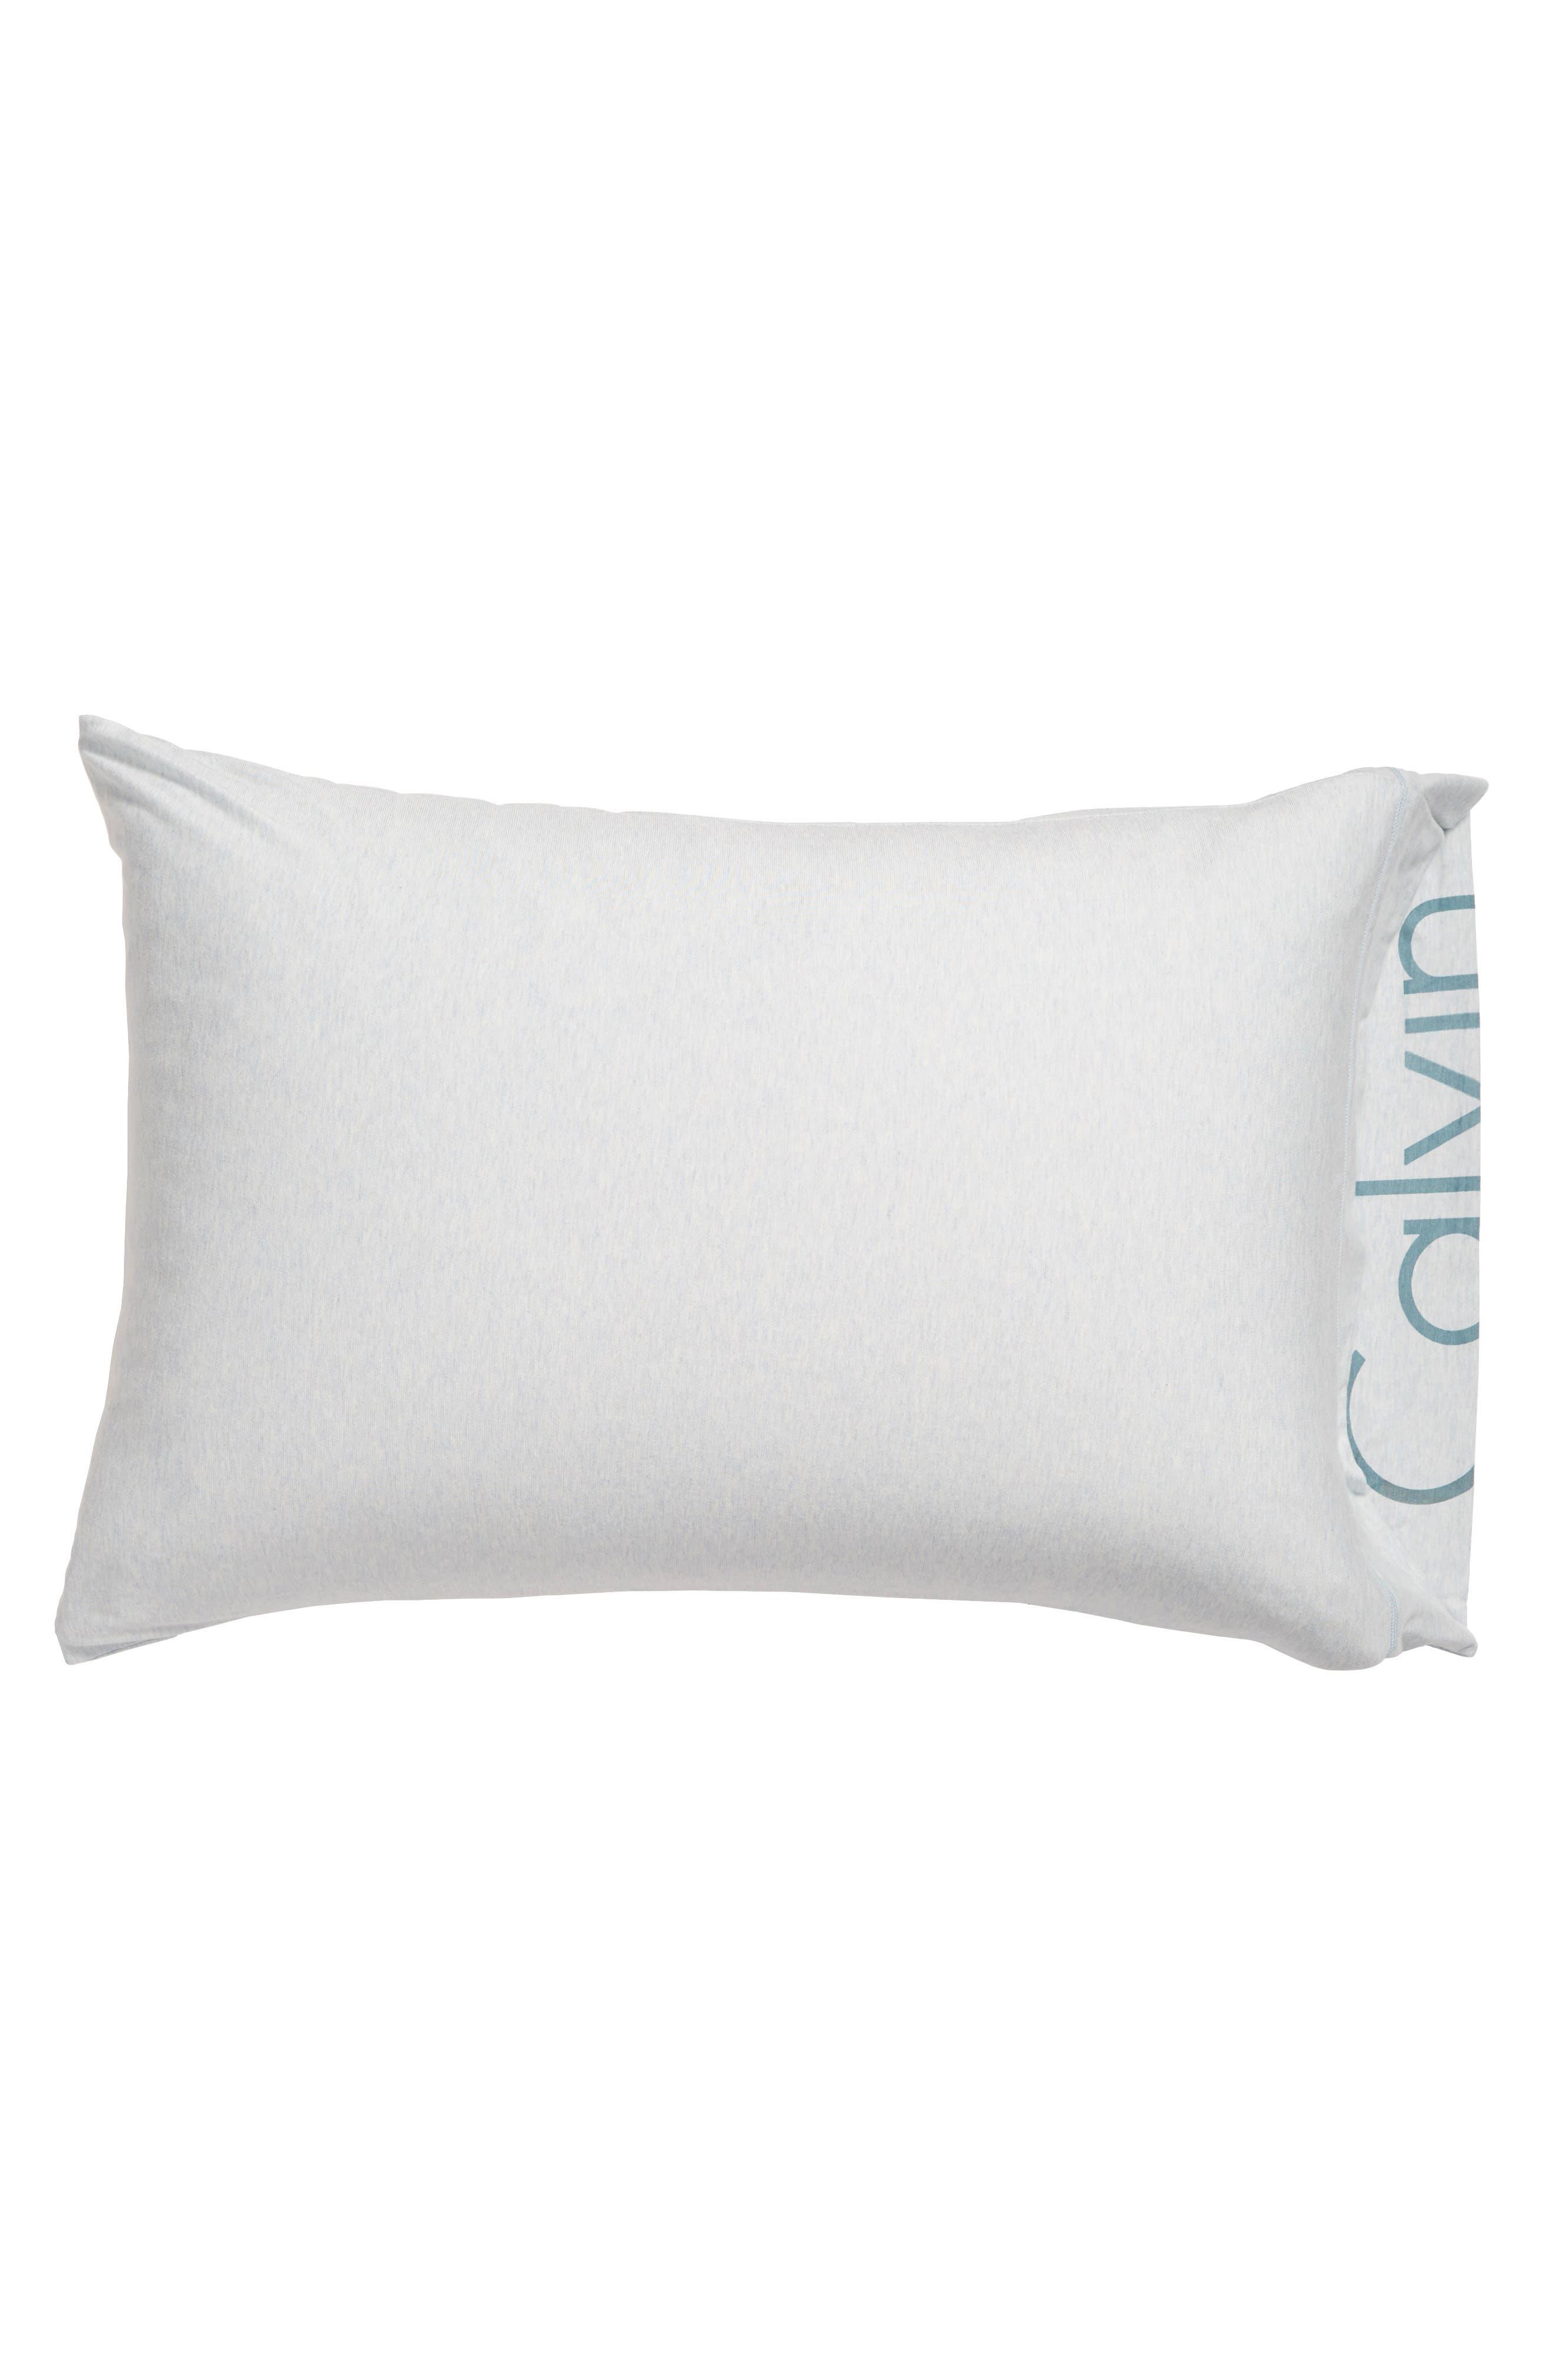 Calvin Klein Pulse Pillowcases,                             Main thumbnail 1, color,                             020